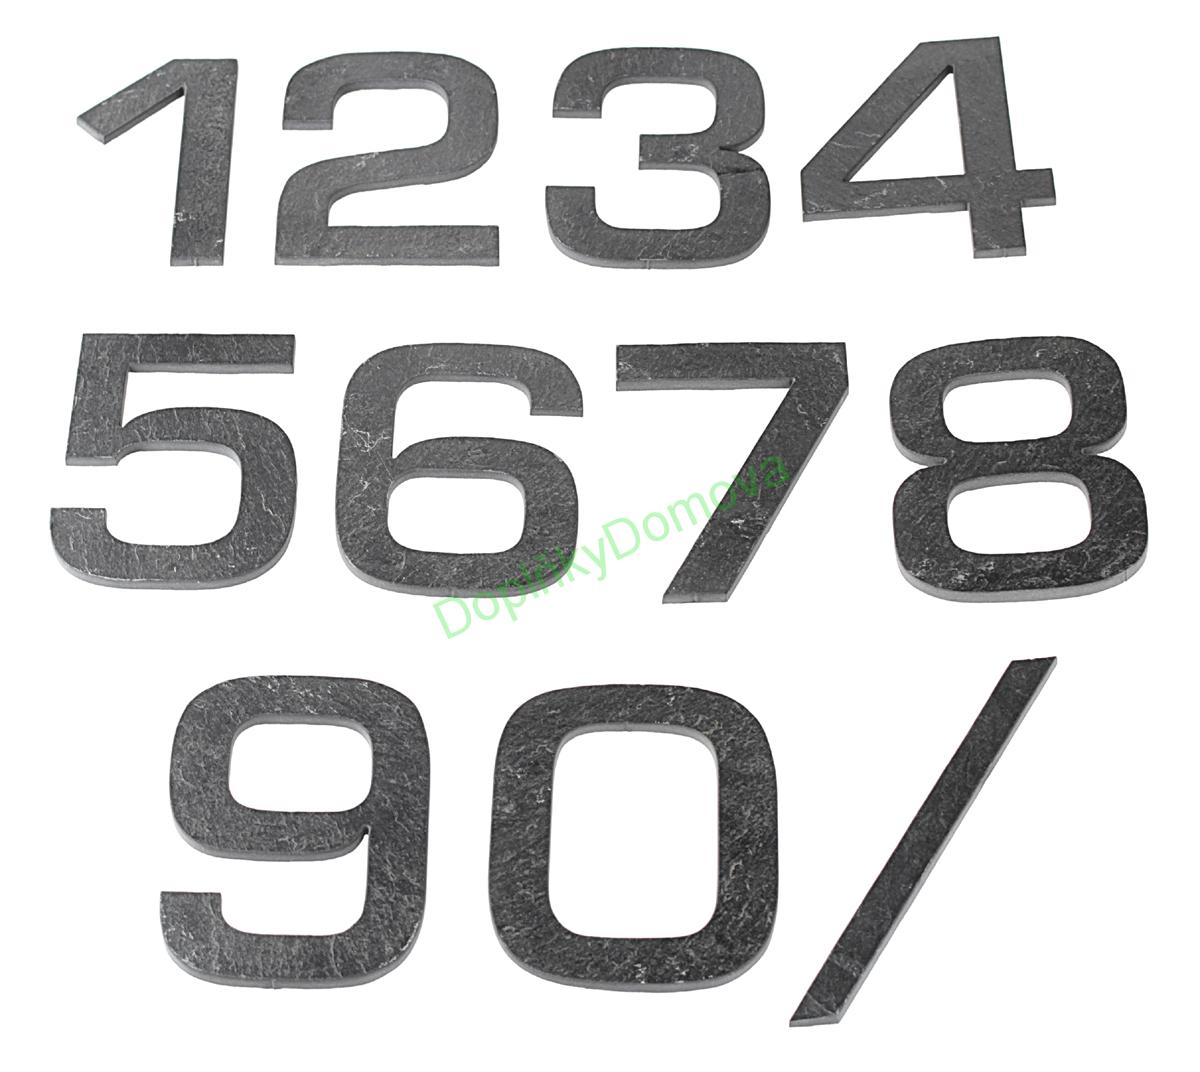 Domovní číslo popisné Břidlice EUROMODE - lomítko